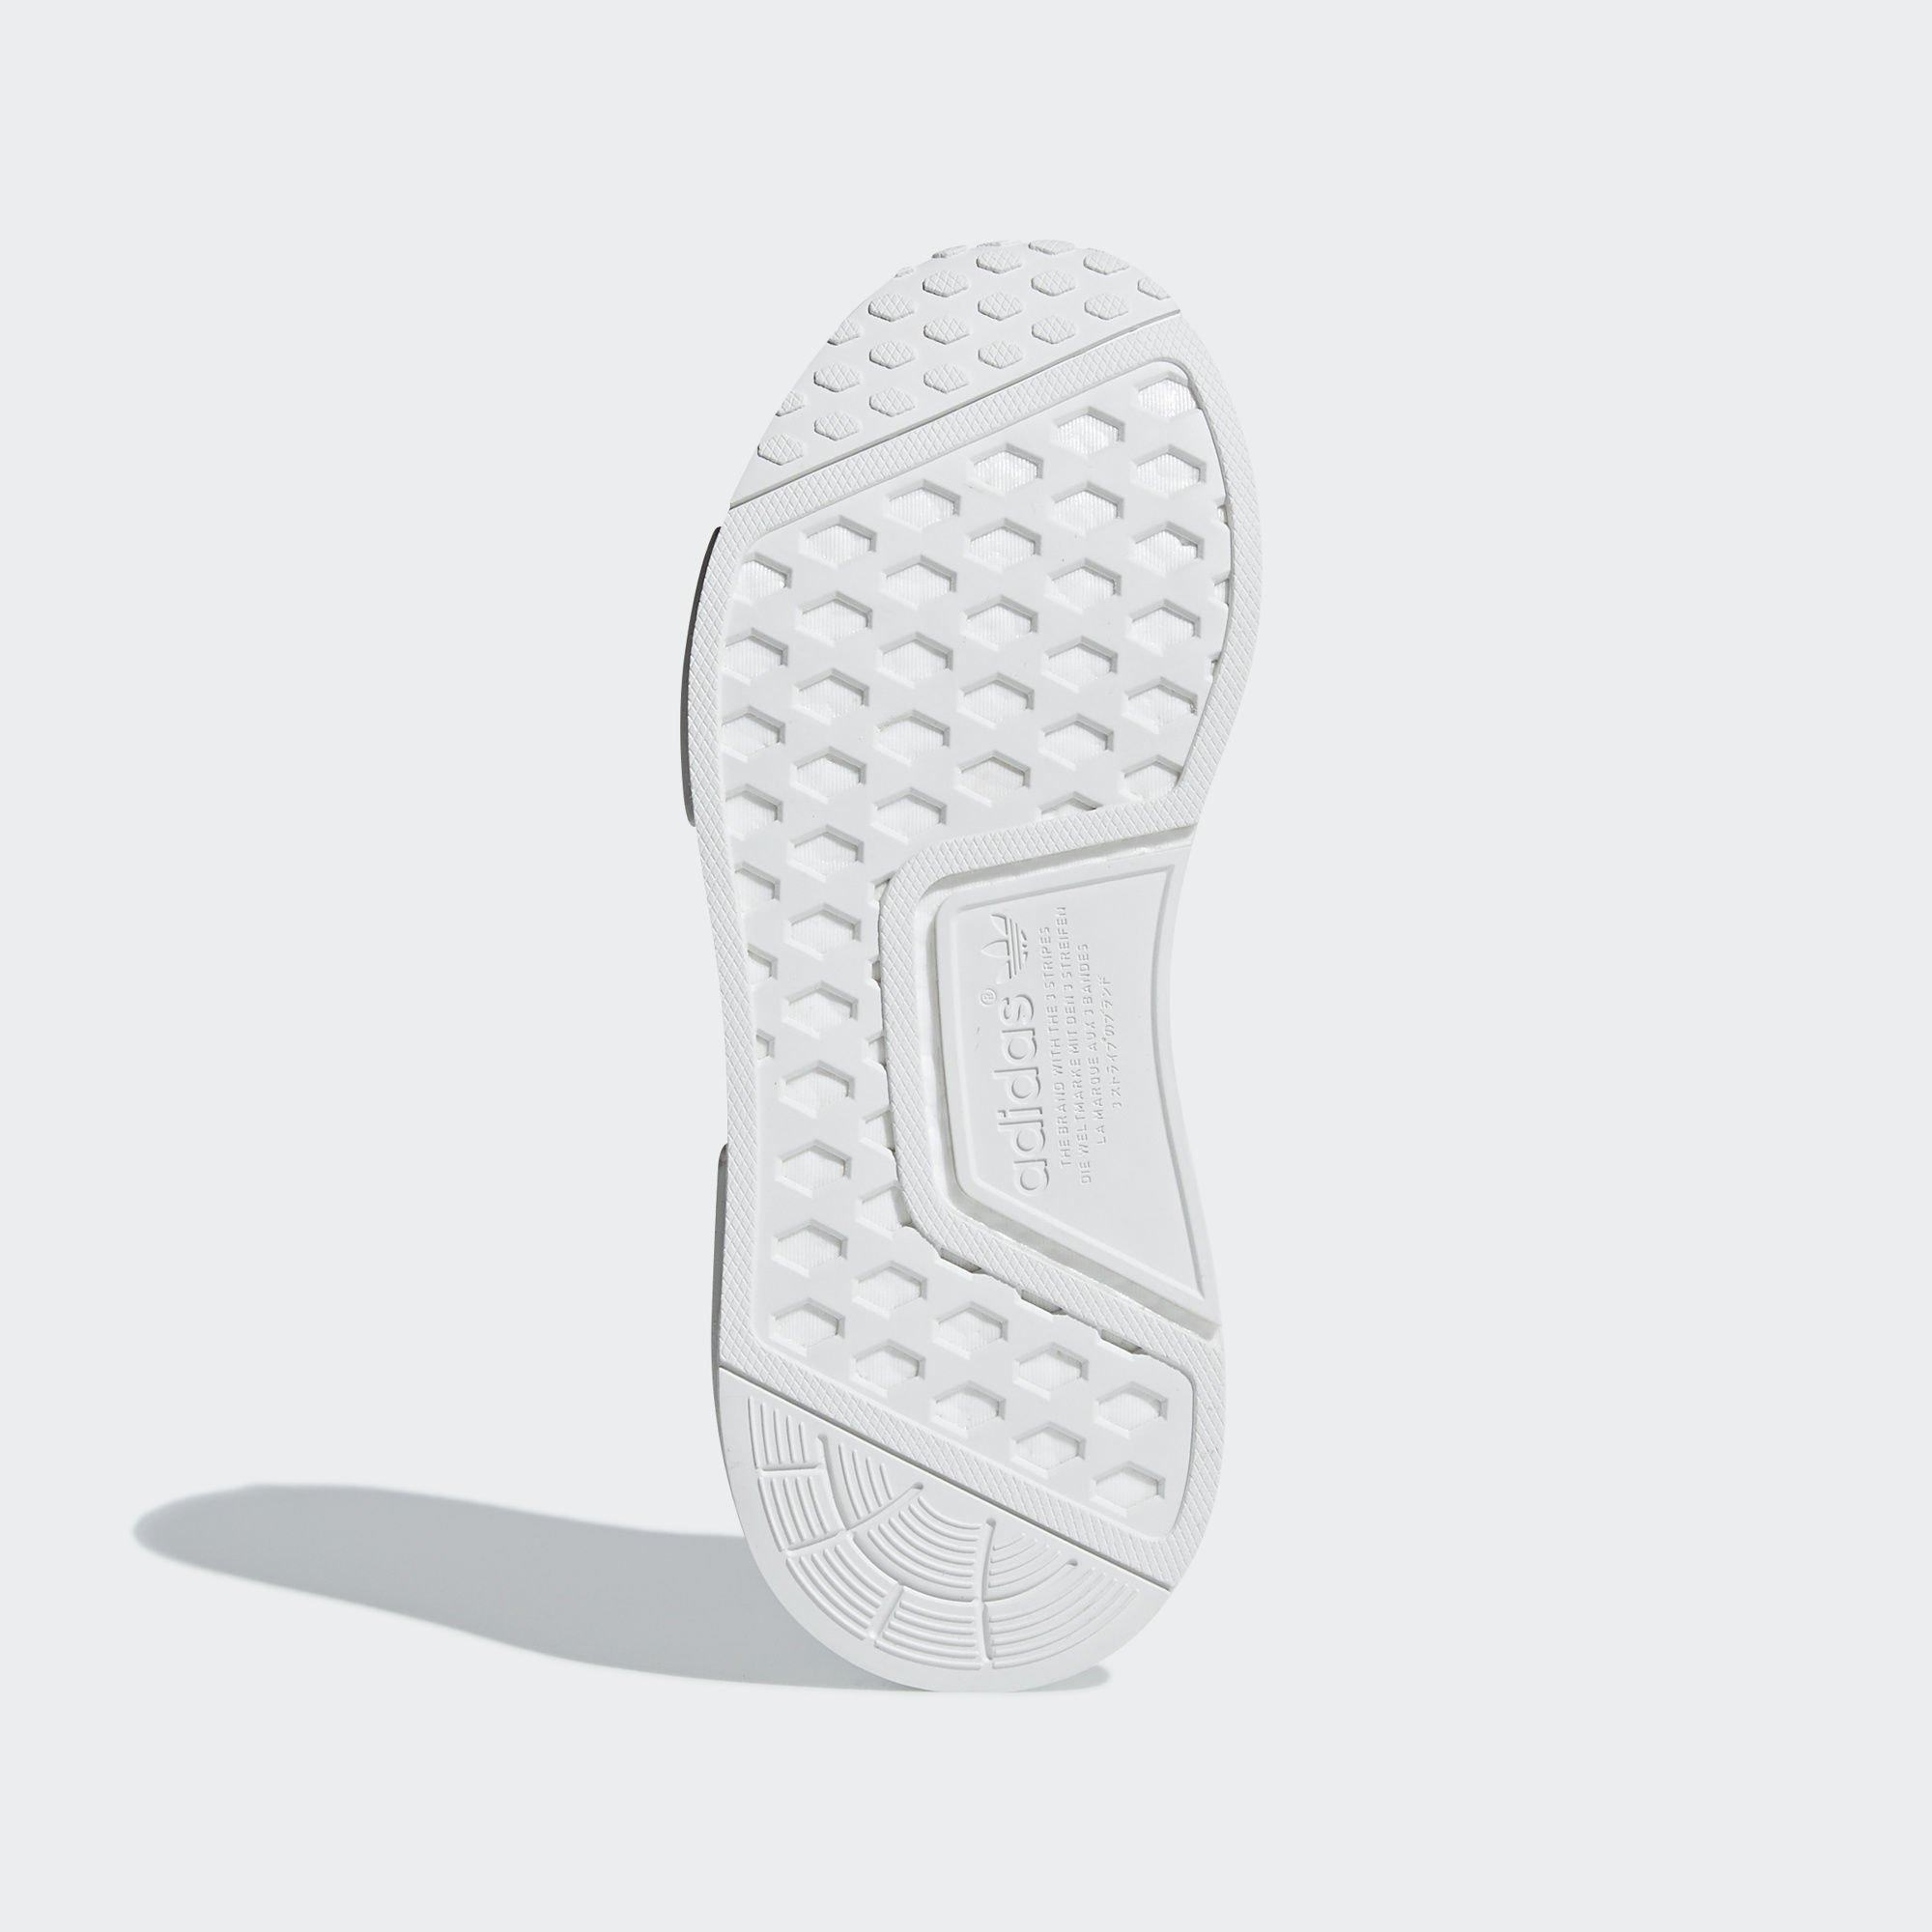 adidas NMD_R1 'White' (B37645)